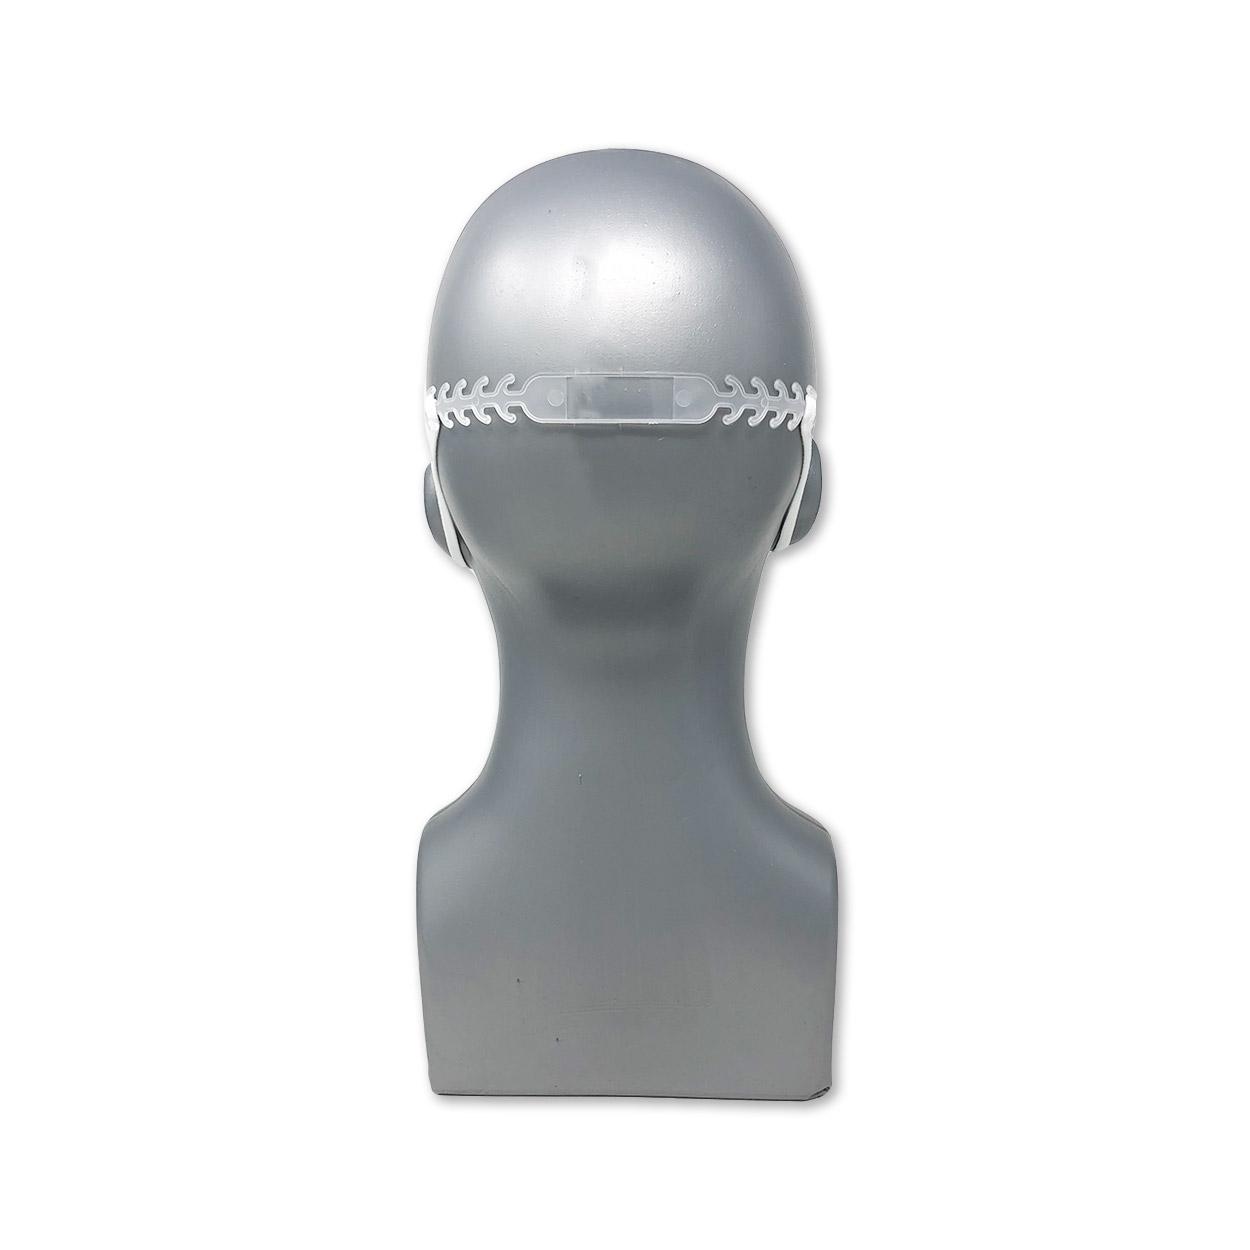 Ohrenschoner für FFP- und Alltagsmasken, Packung á 10 Stk.